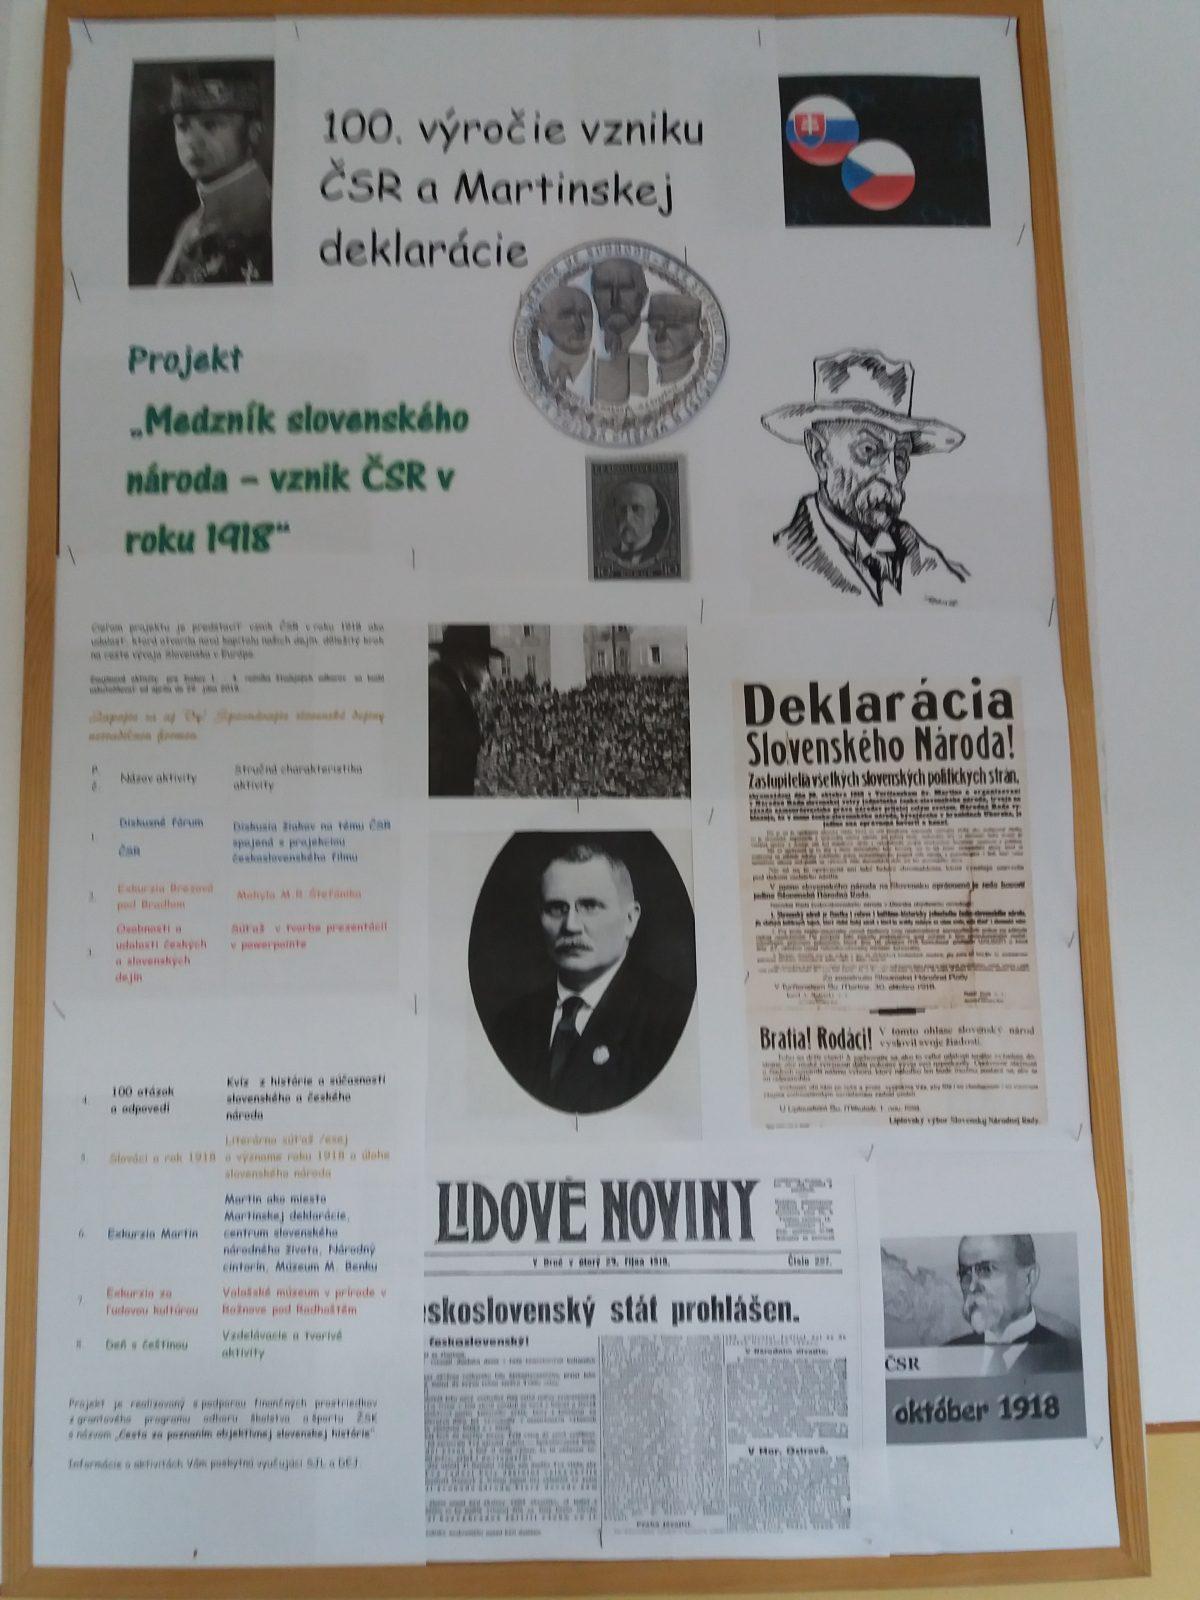 Vyhodnotenie projektu  Medzník  slovenského národa – vznik ČSR v roku 1918